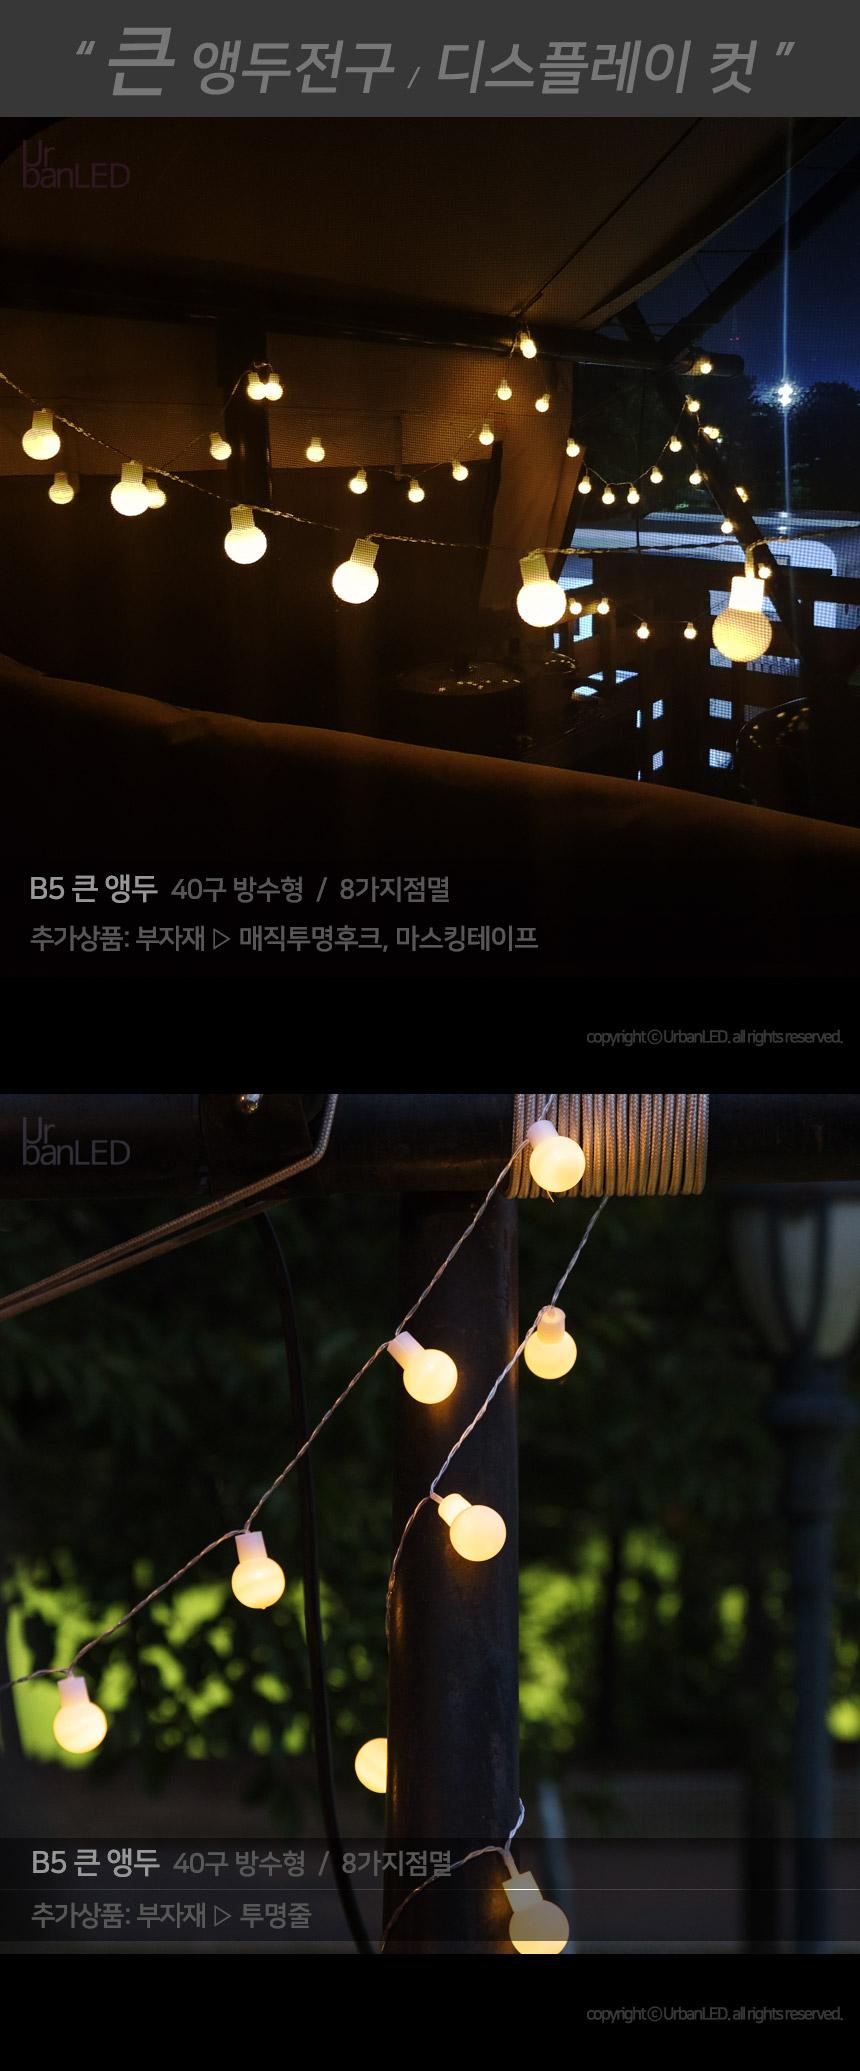 어반 LED 큰 앵두전구 40구 방수형 - 어반LED, 16,900원, 리빙조명, 야외조명